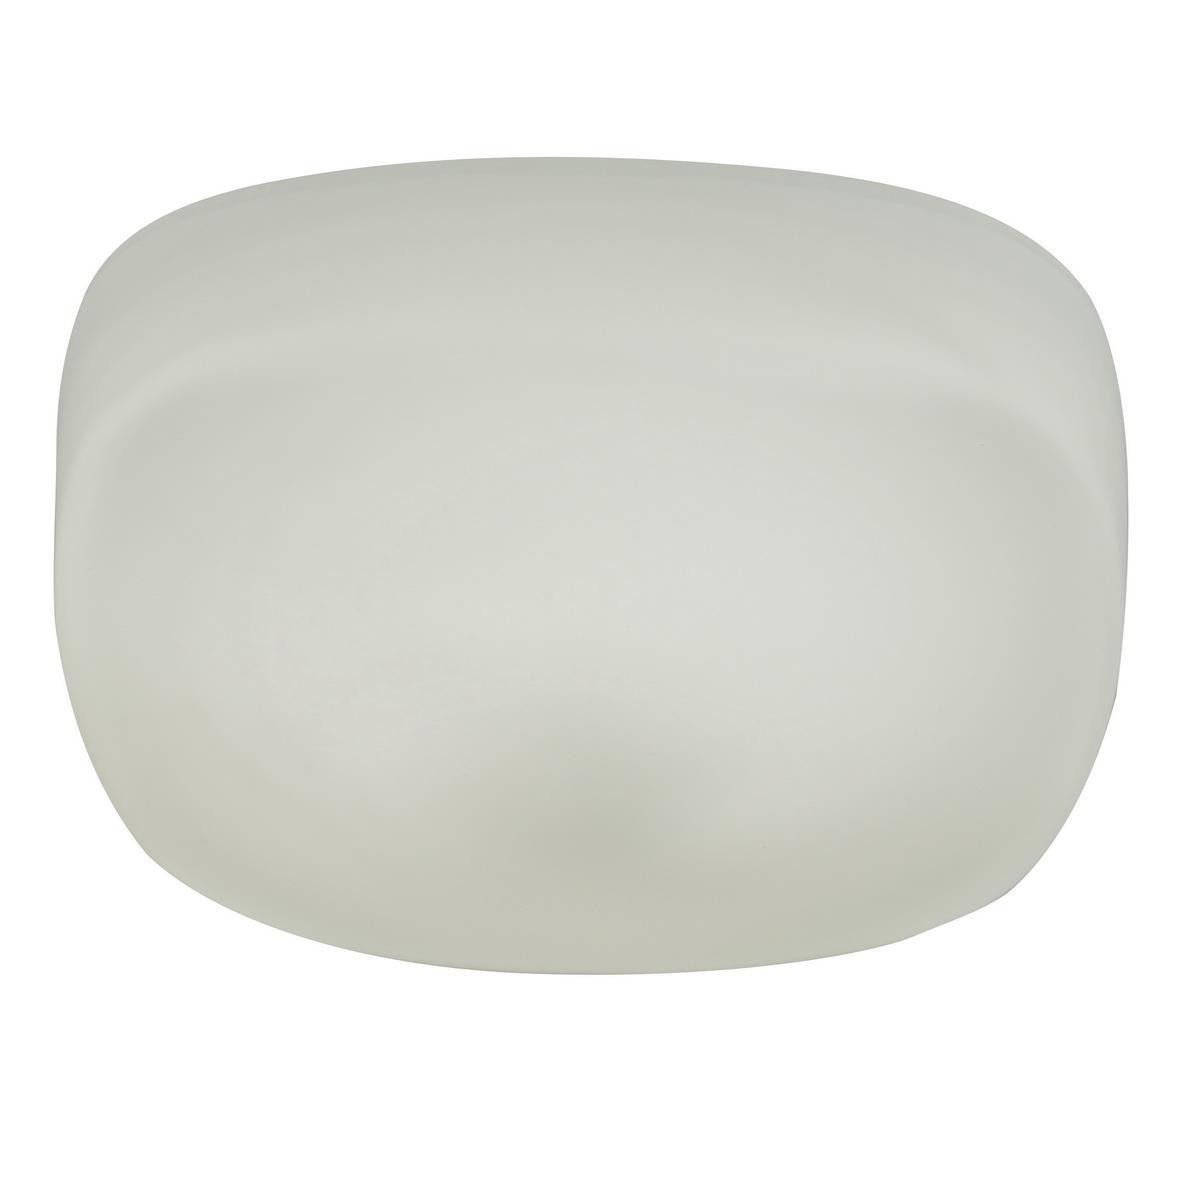 Потолочный светодиодный светильник IDLamp Nuvola Aria 266/25PF-LEDWhite потолочный светодиодный светильник idlamp 267 25pf ledwhite